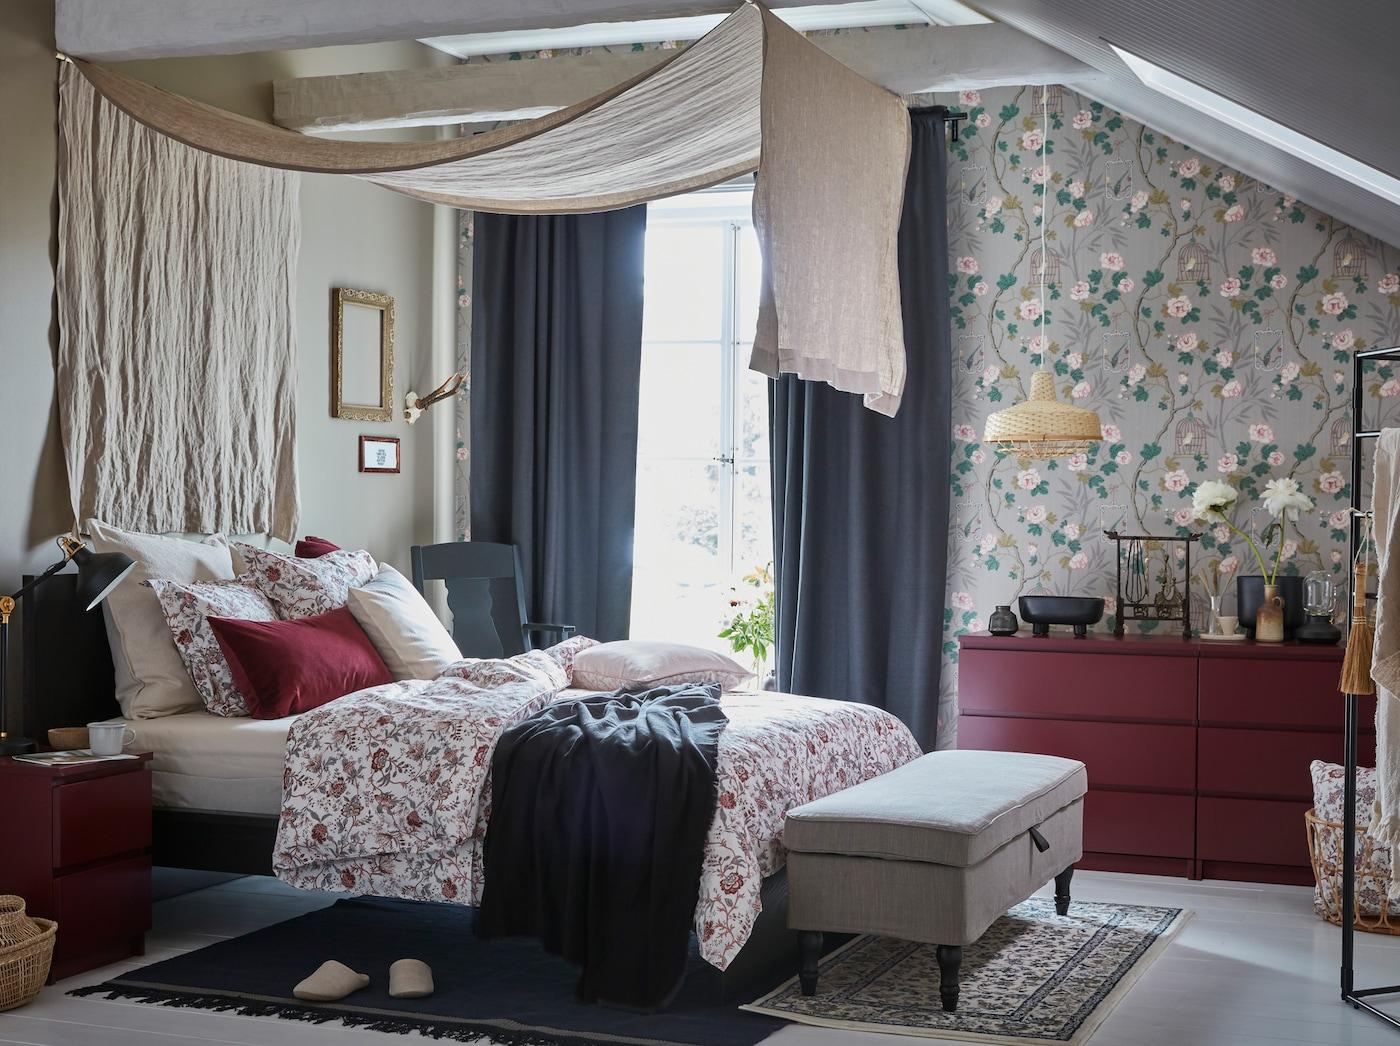 A cómoda MALM em vermelho escuro dá um toque arrojado a qualquer quarto. Disponível com duas ou três gavetas e funcionalidades de fecho suave, é a solução perfeita para arrumar a sua roupa.